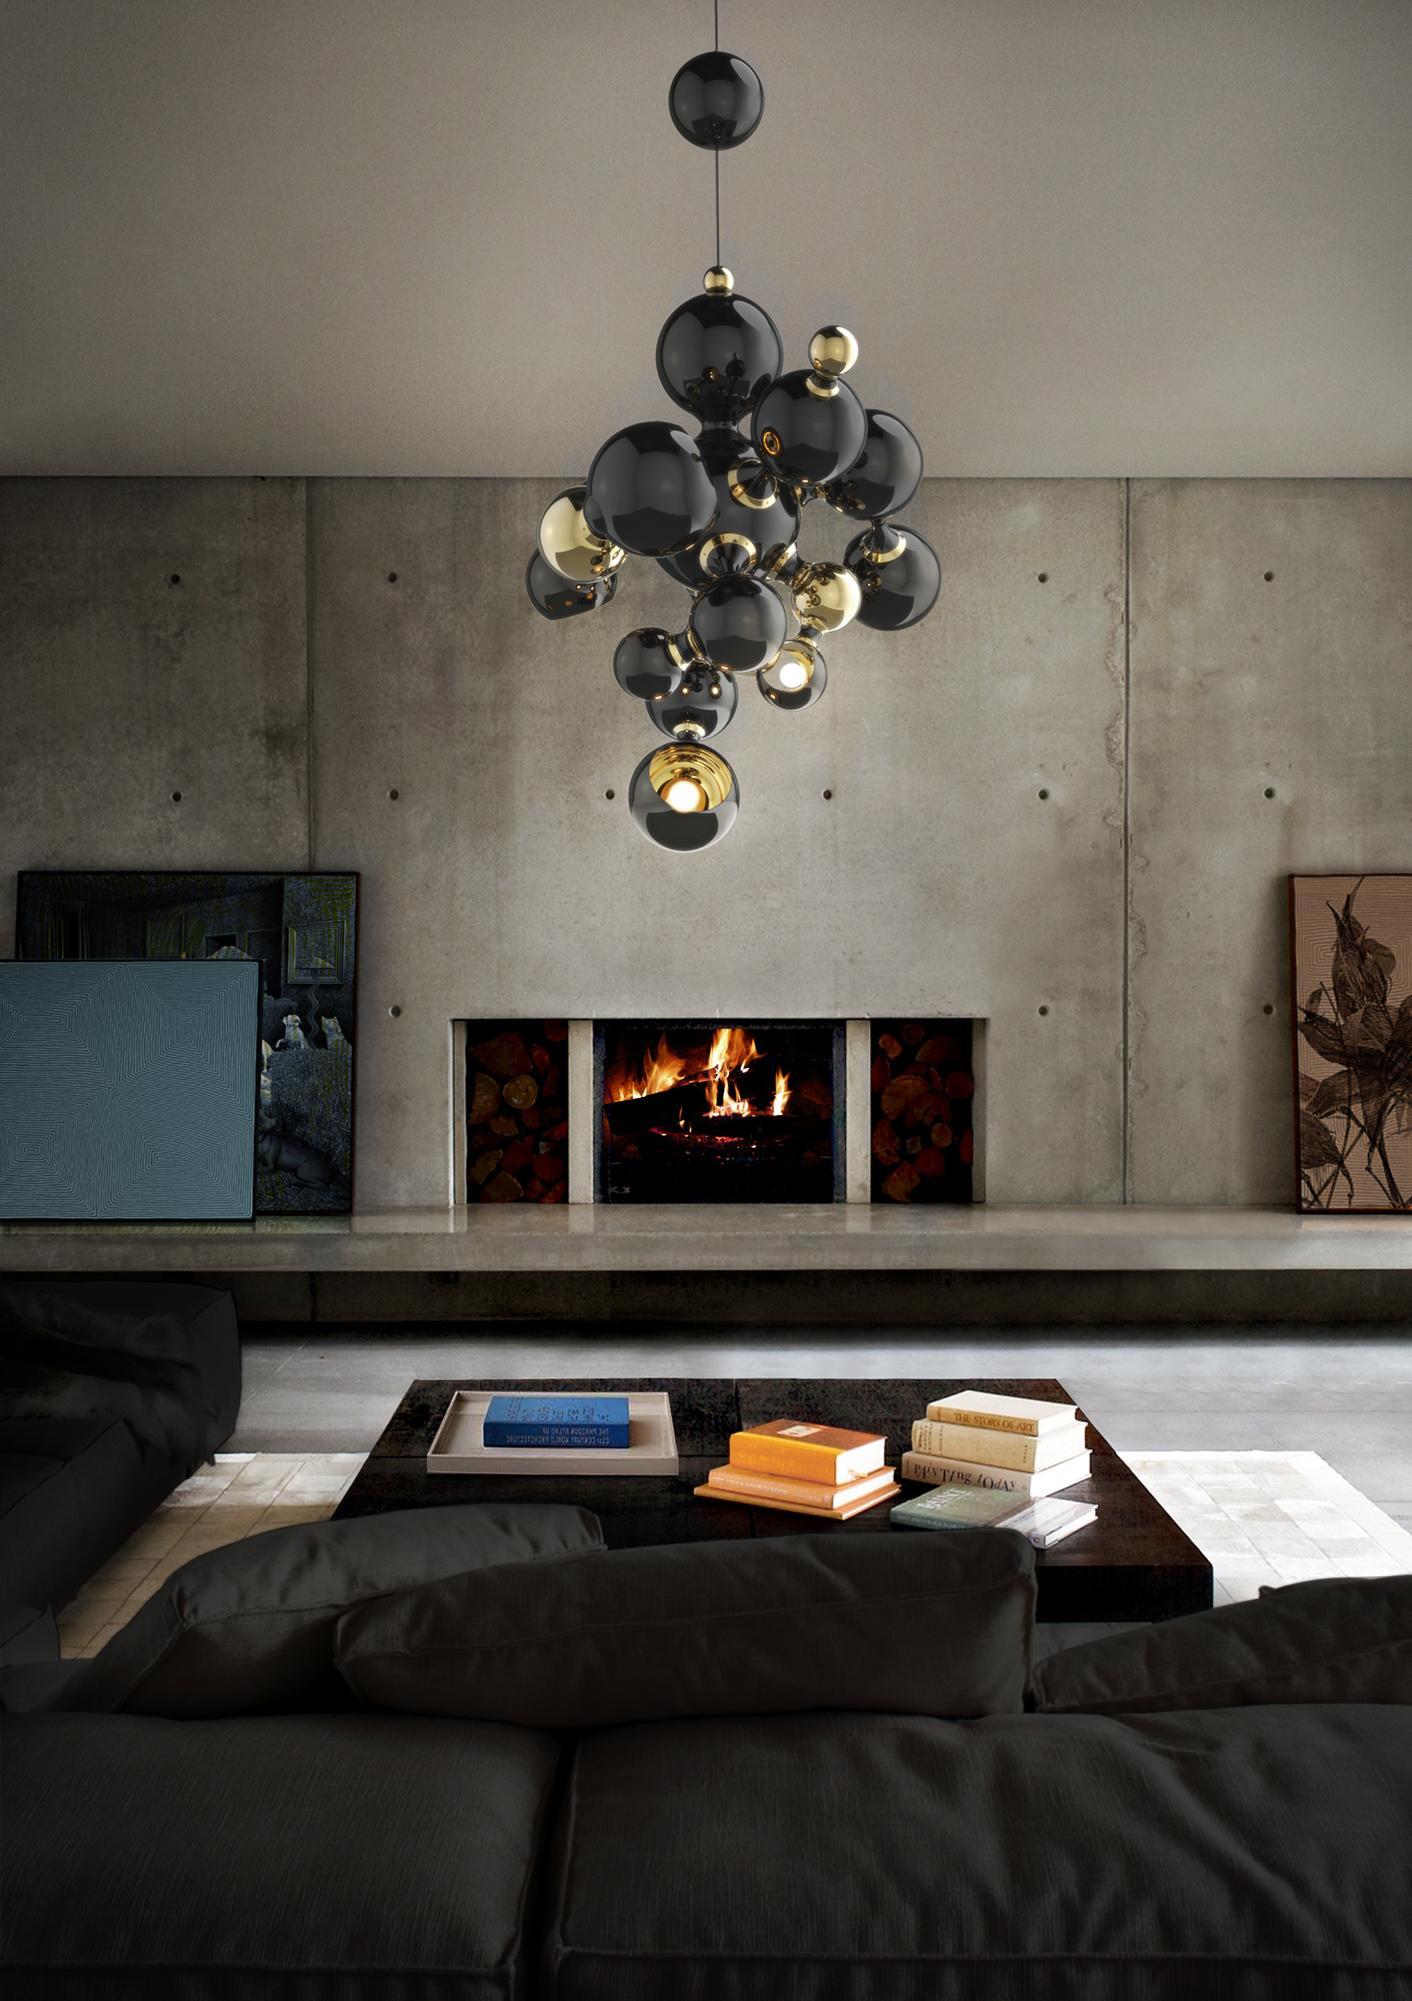 Wohnzimmer Im Industriedesign #kamin #wohnzimmer #pendelleuchte  #zimmergestaltung ©Delightfull